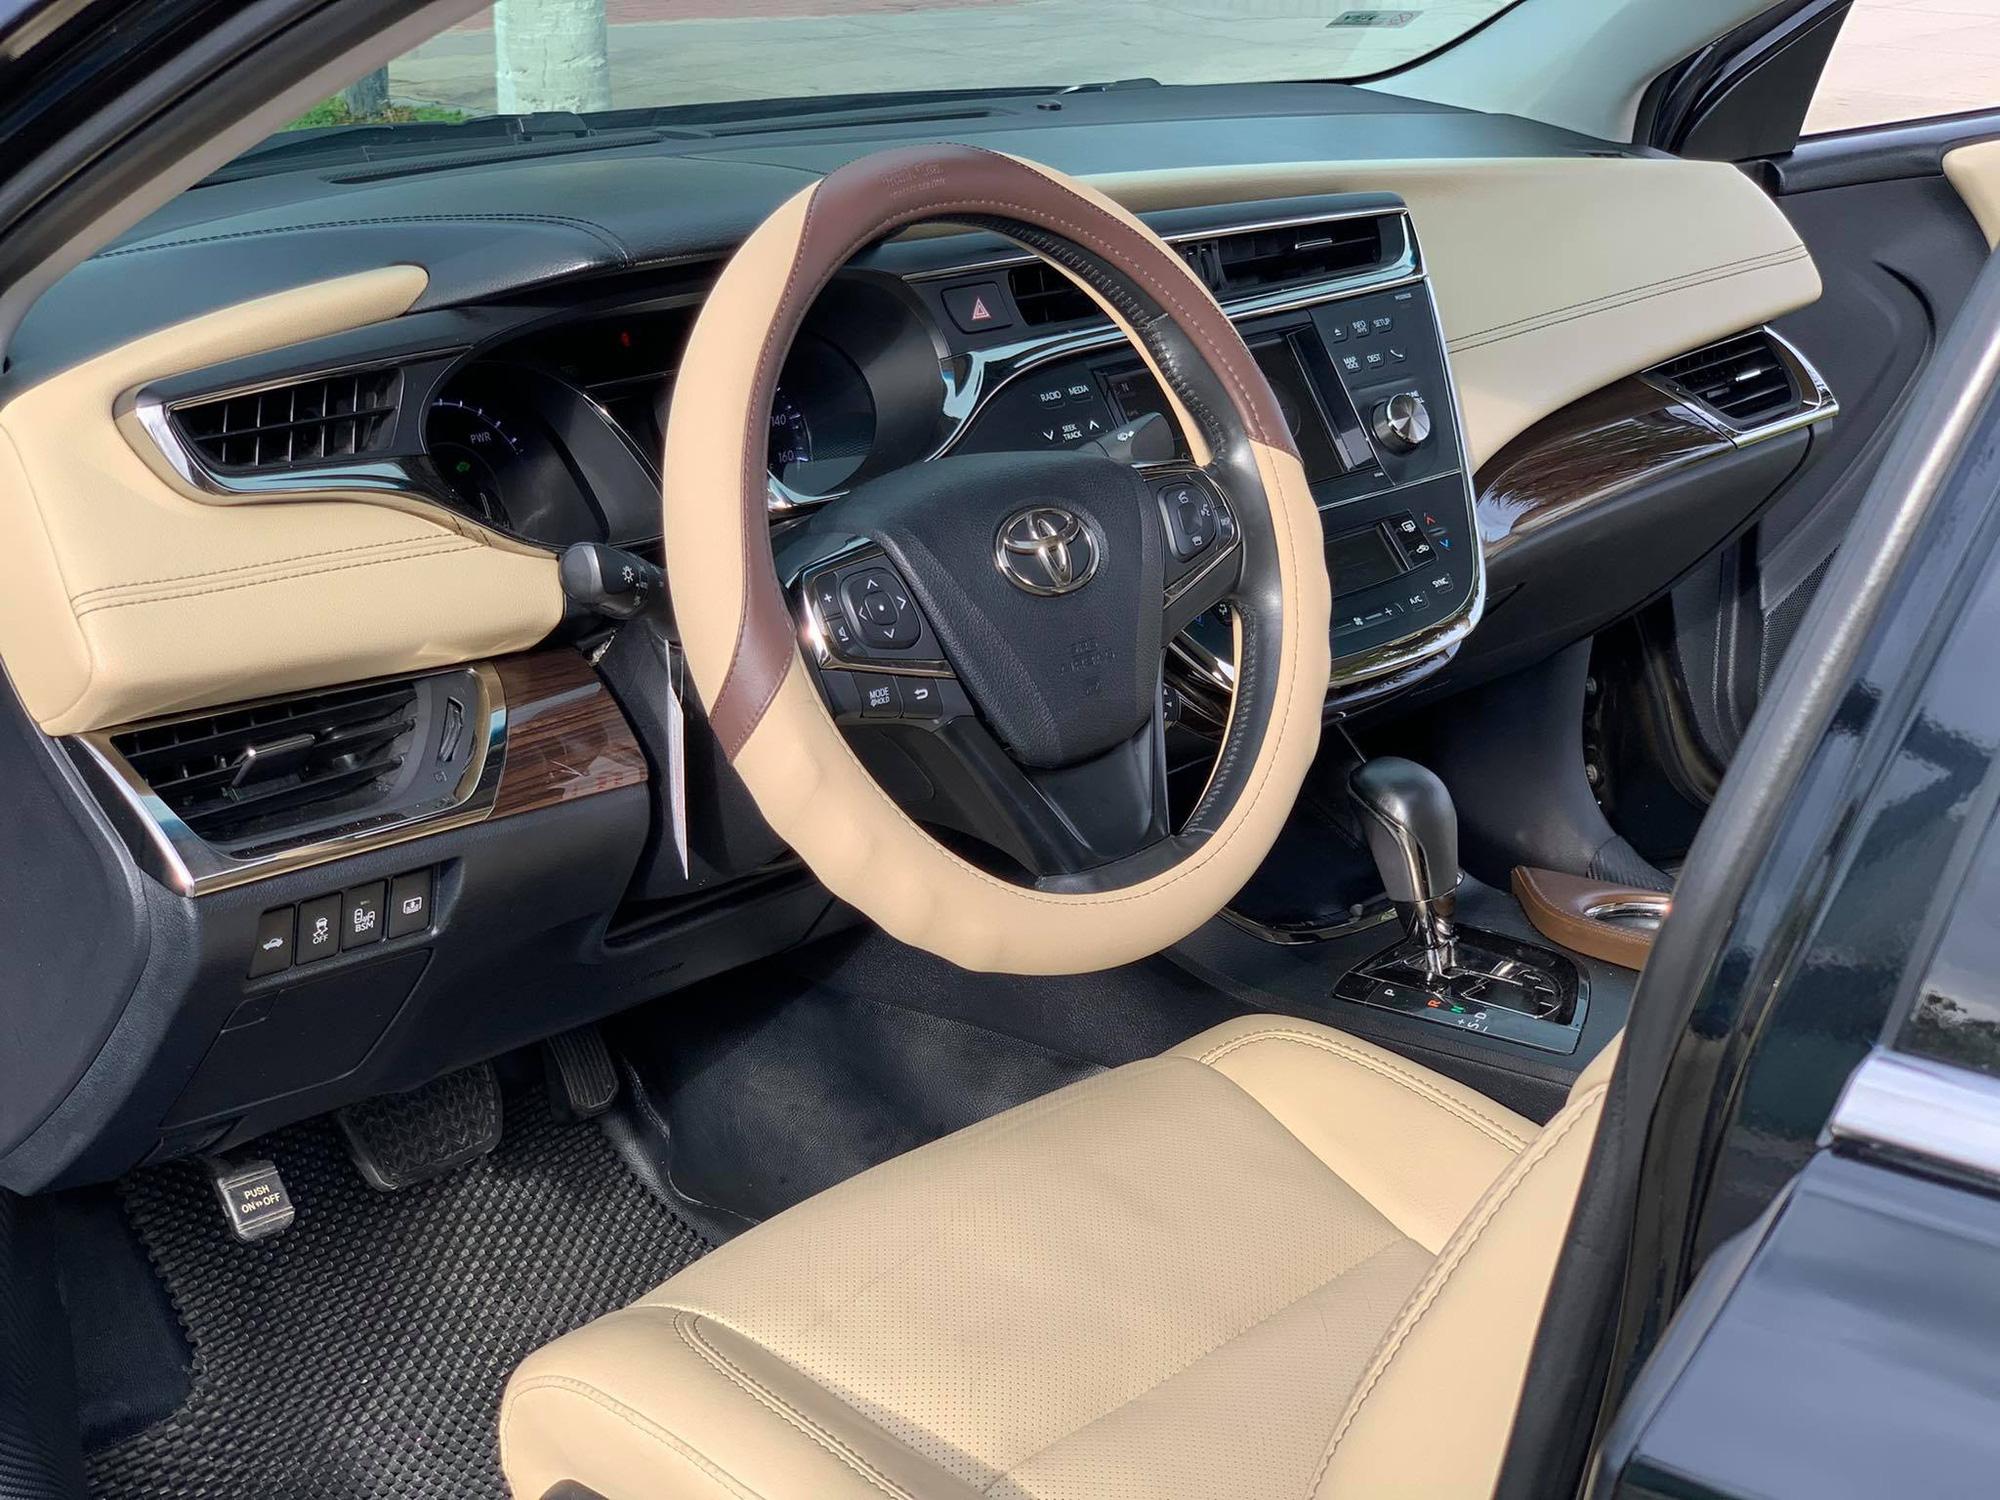 Chạy 12.000km/năm, xe đại gia một thời Toyota Avalon hạ giá rẻ ngang Camry 2021 - Ảnh 4.